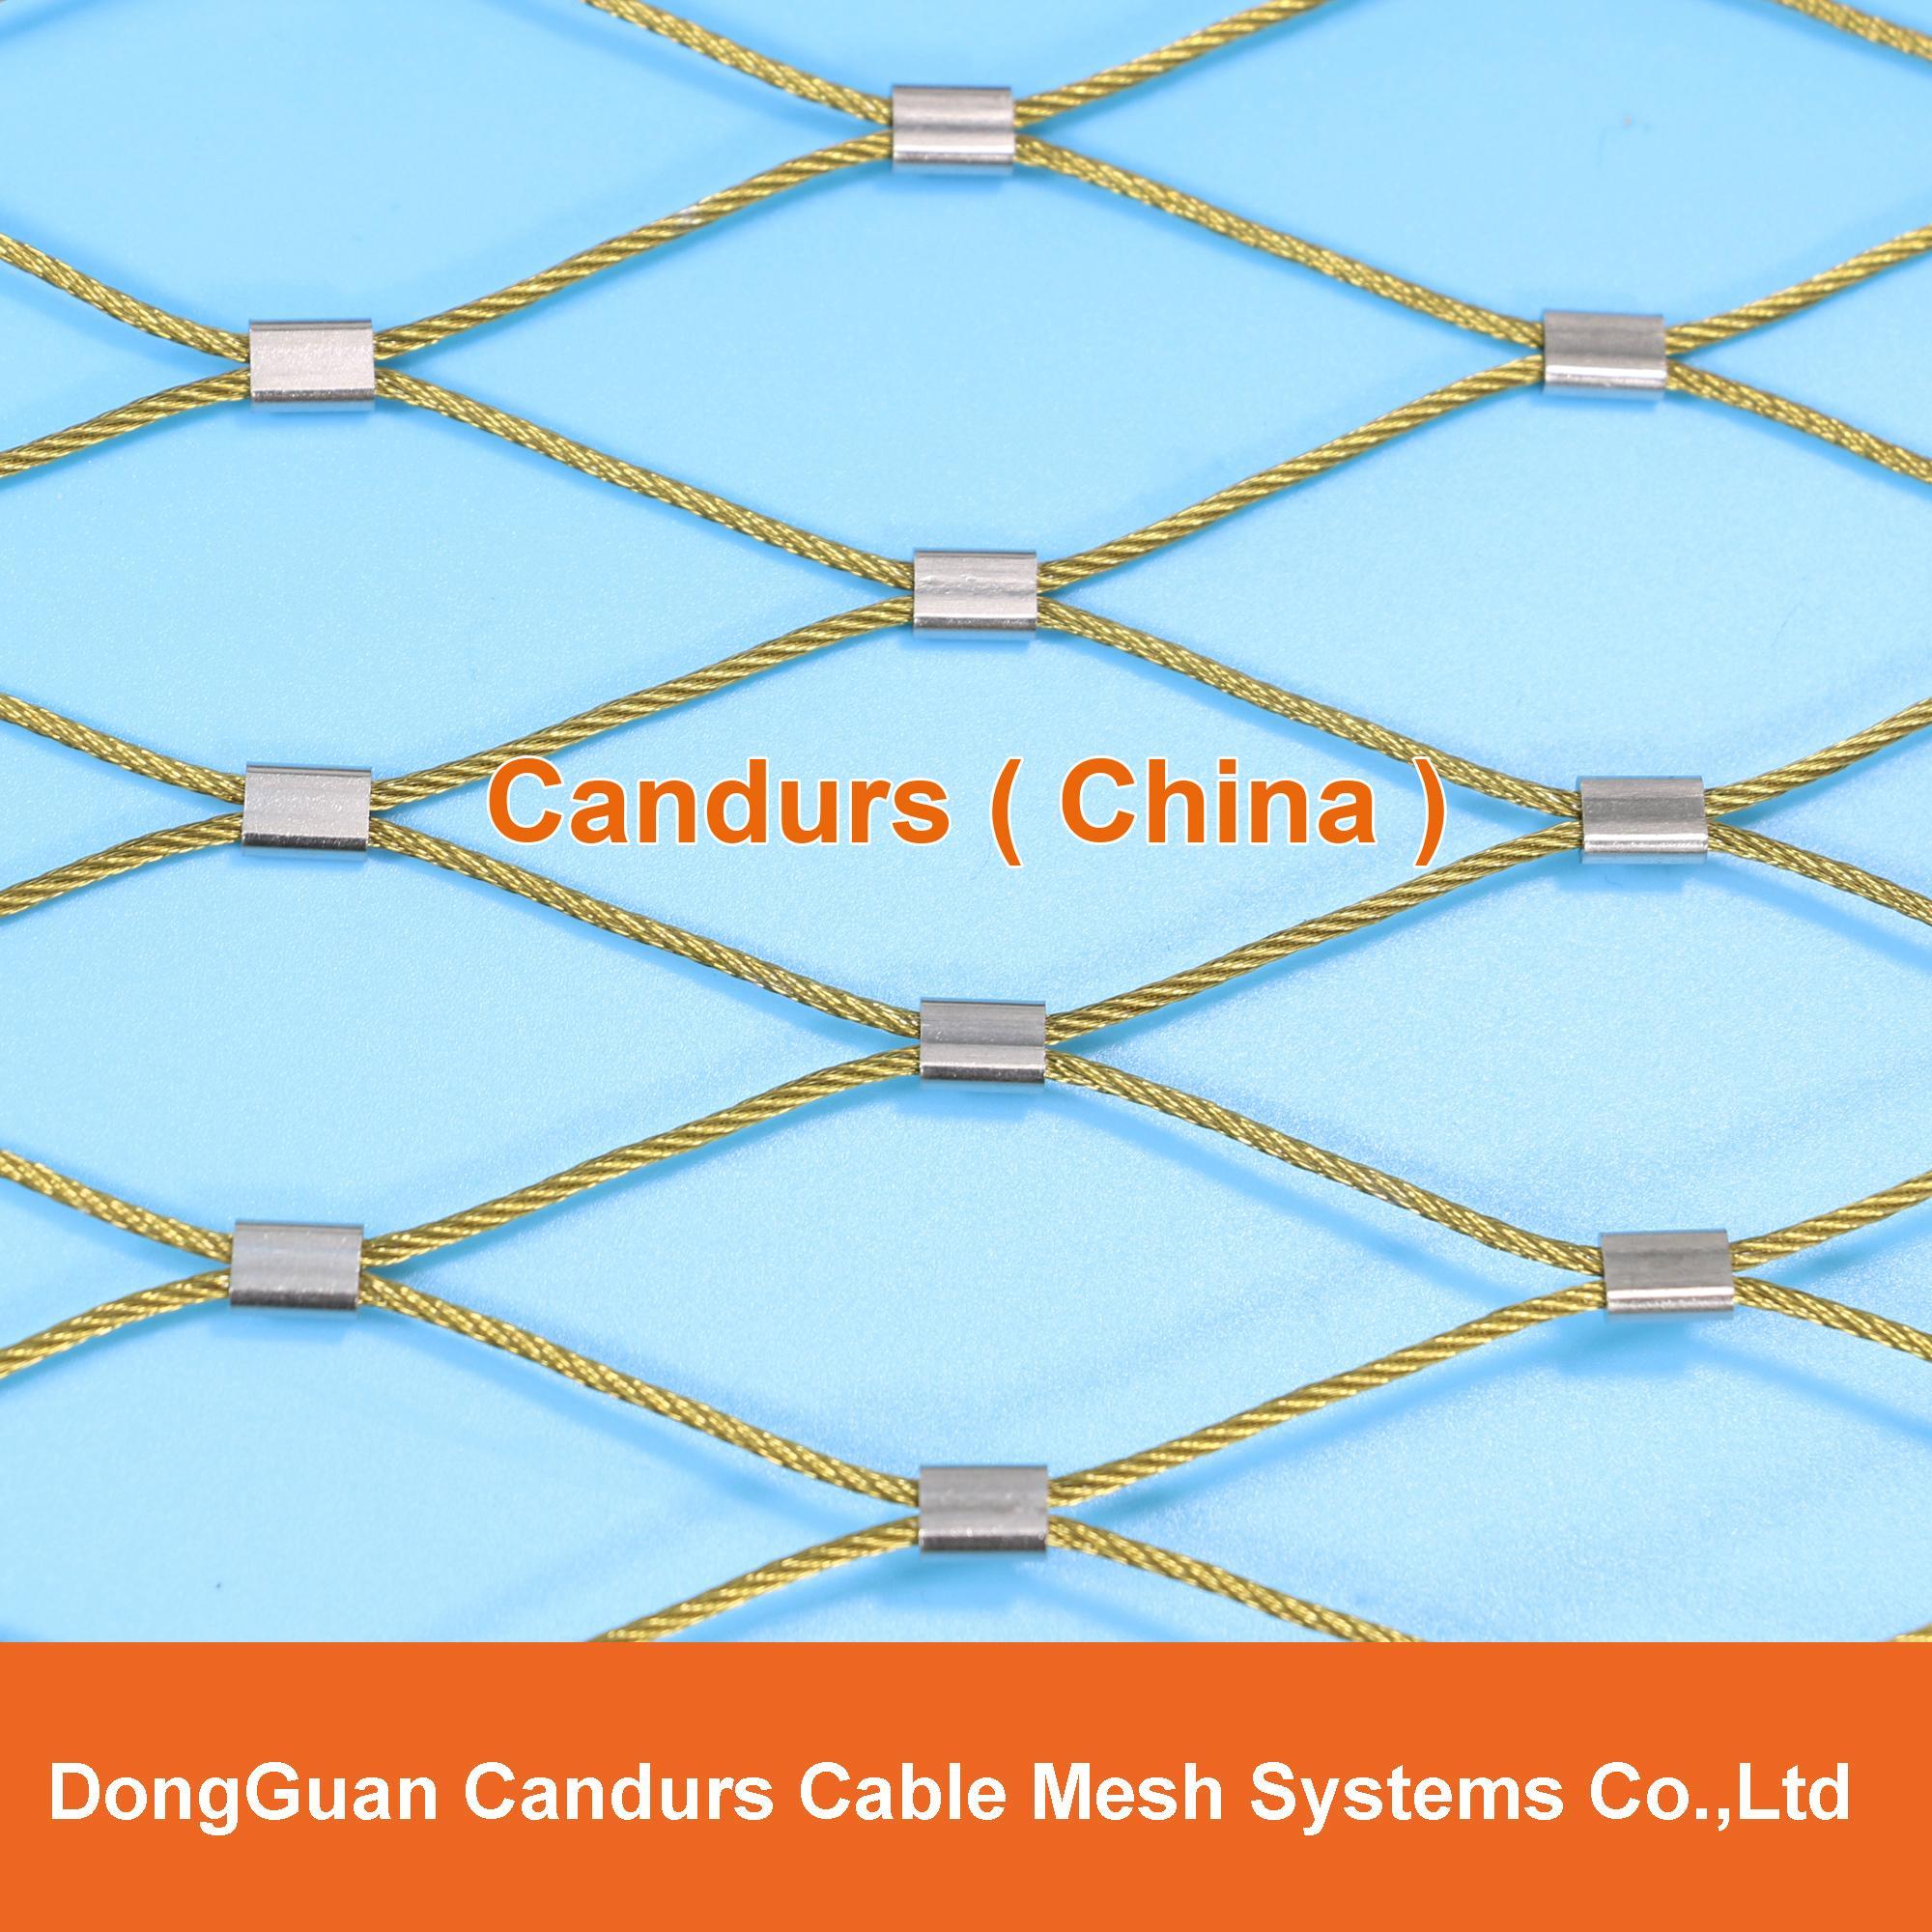 屋顶安全防护不锈钢绳网 12